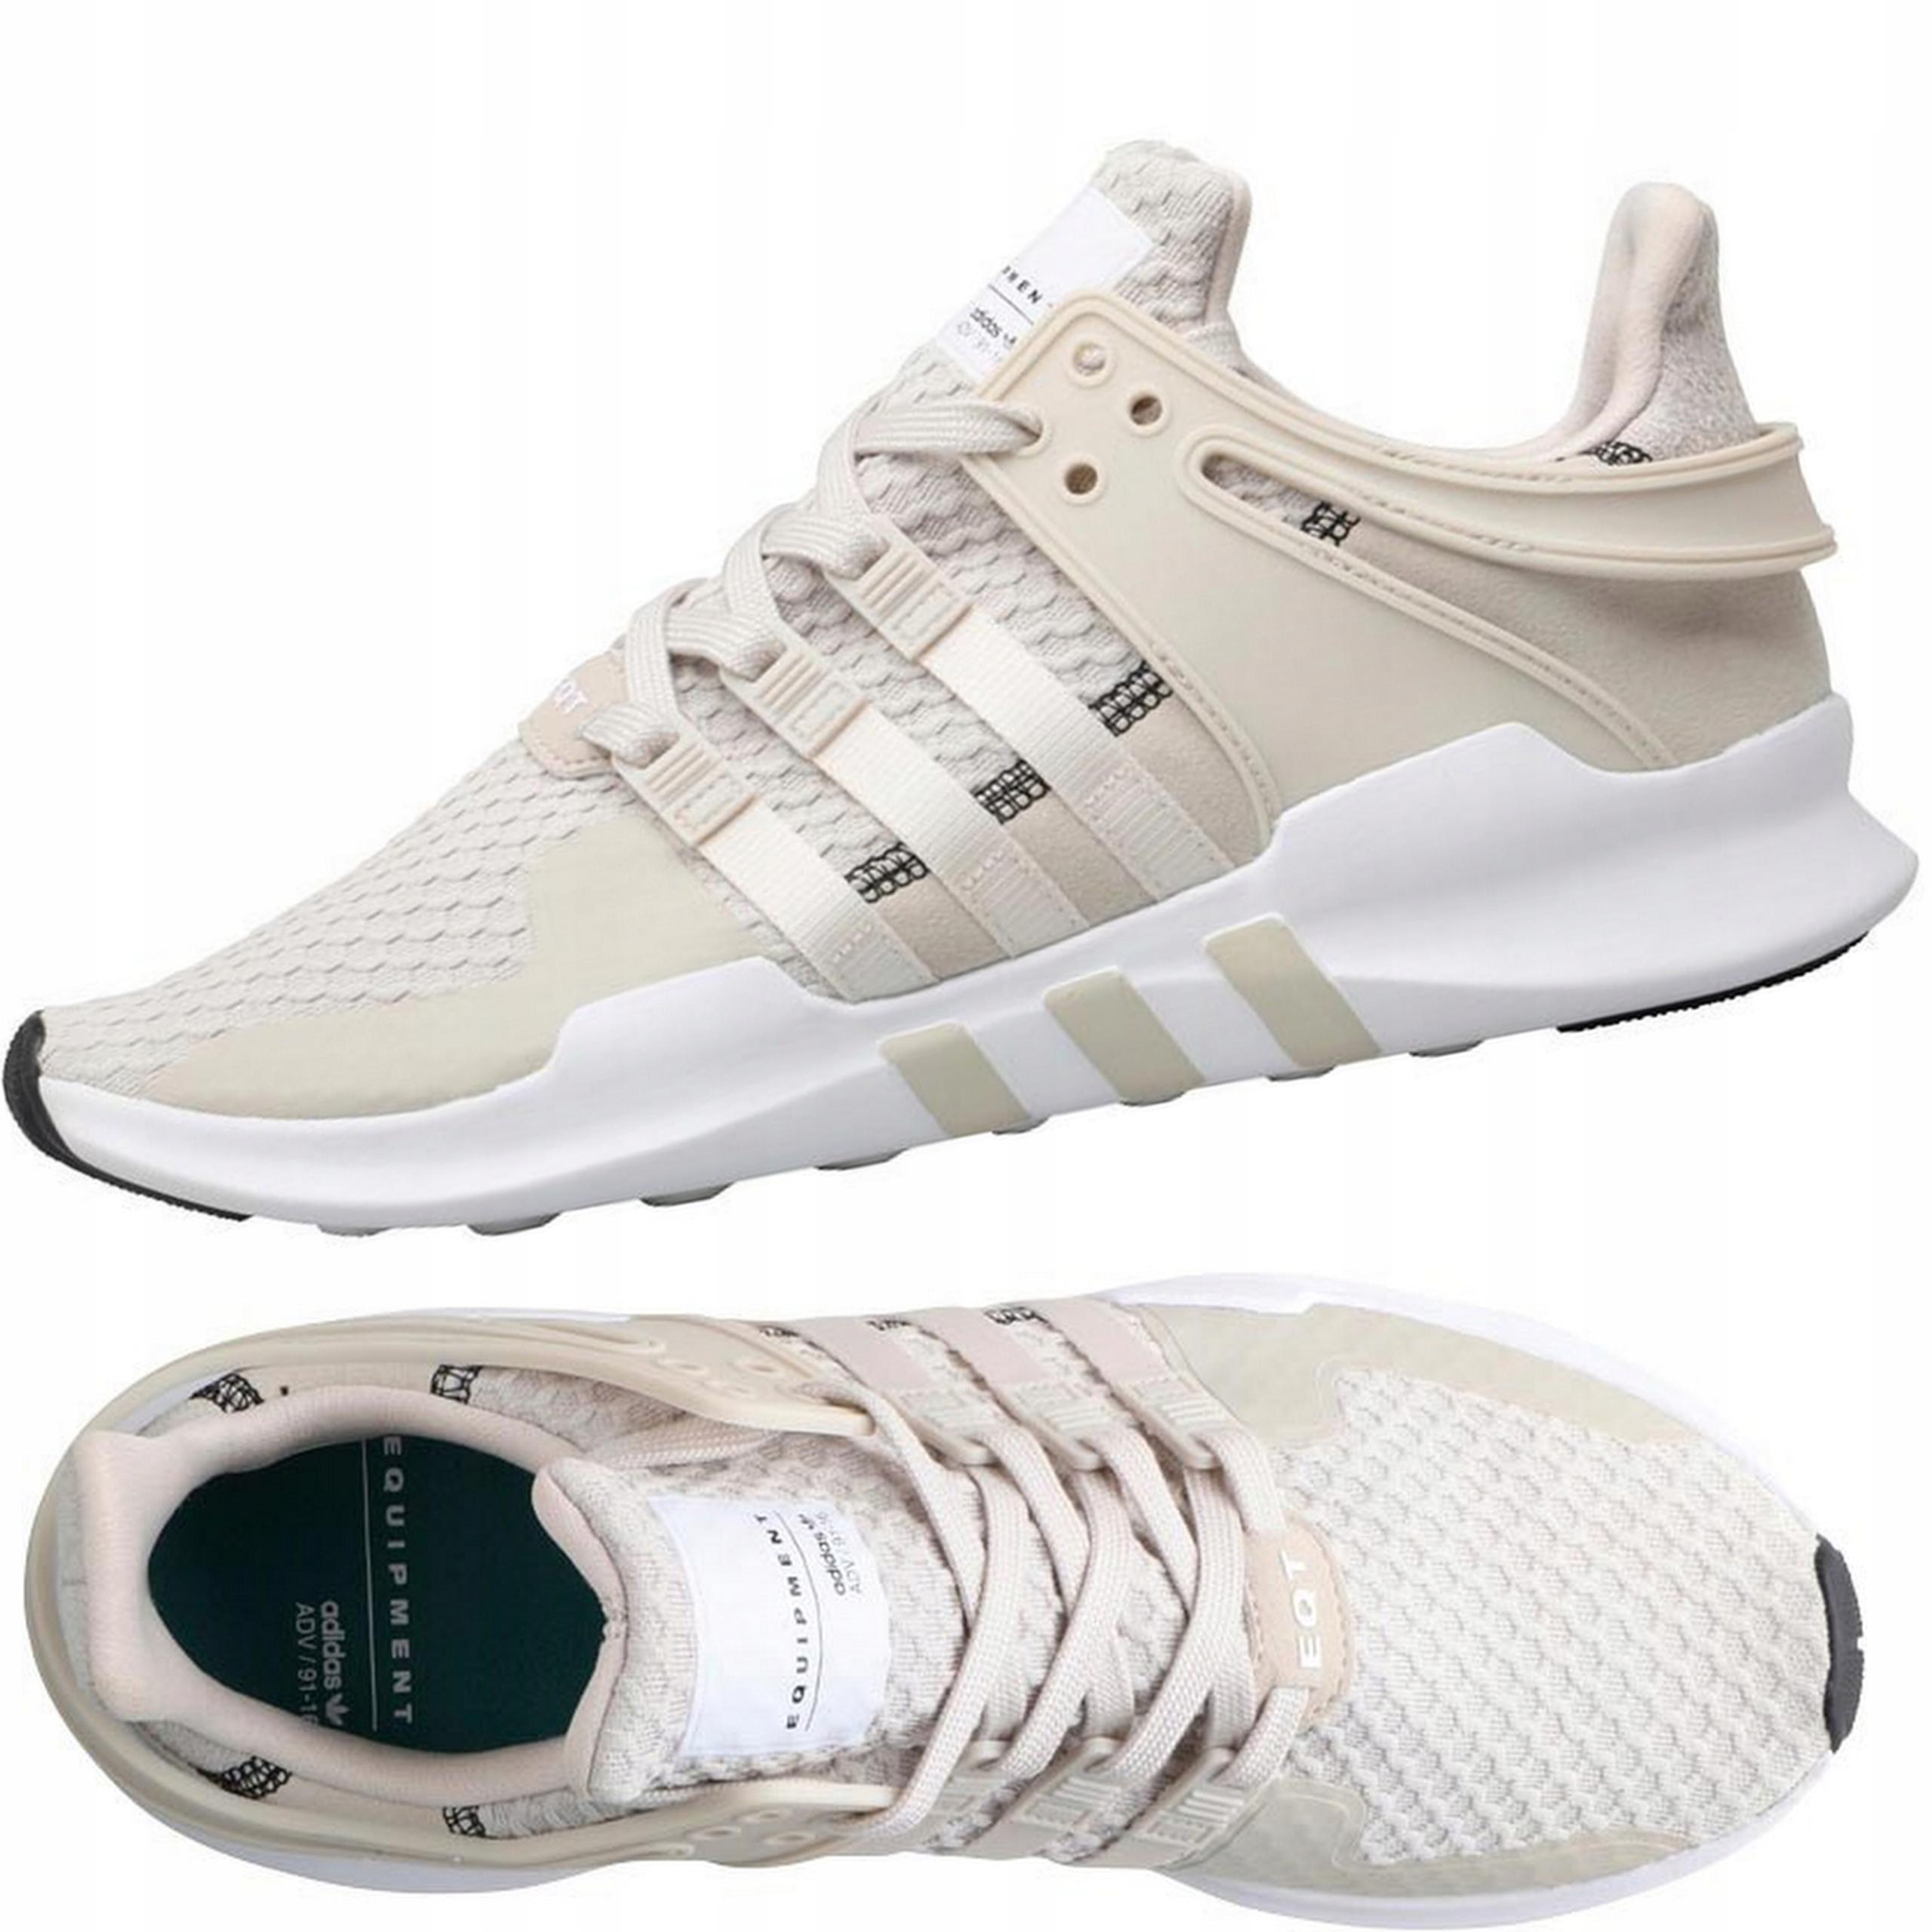 Buty Adidas EQT Sportowe Lato Nowa Kolekcja r 41,3